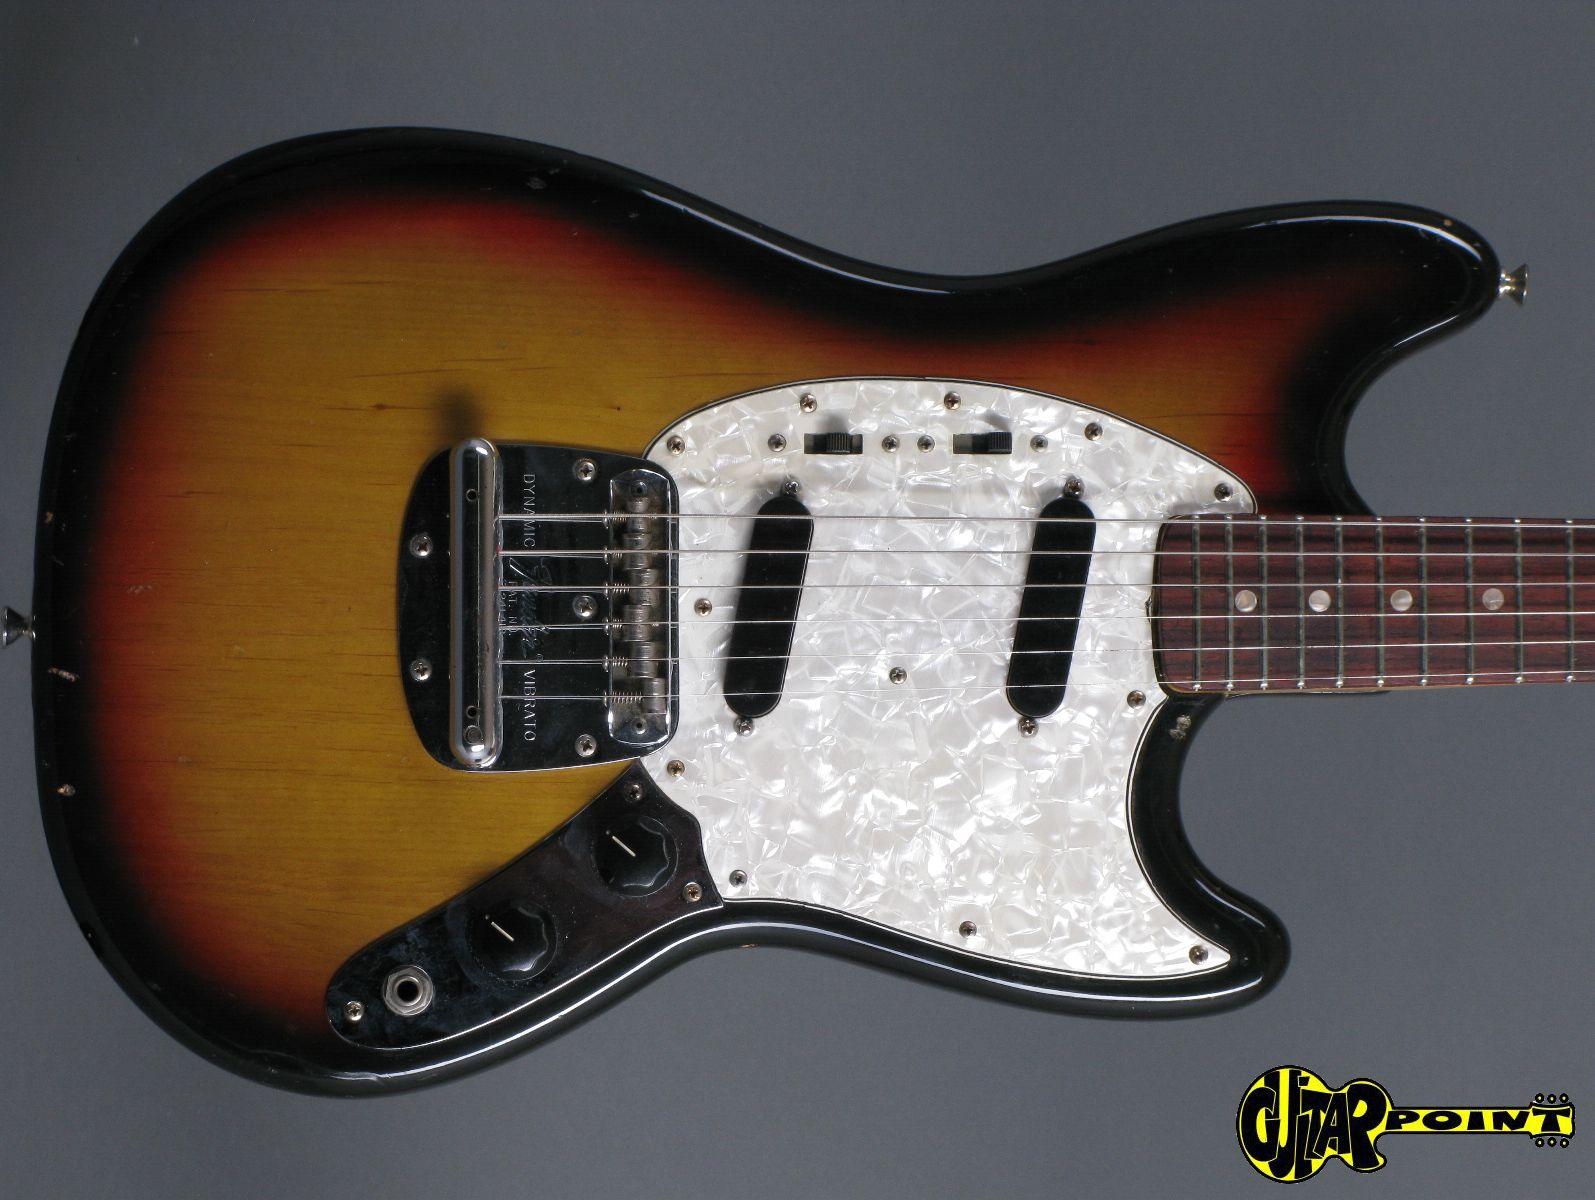 fender mustang 1972 3 tone sunburst guitar for sale guitarpoint. Black Bedroom Furniture Sets. Home Design Ideas